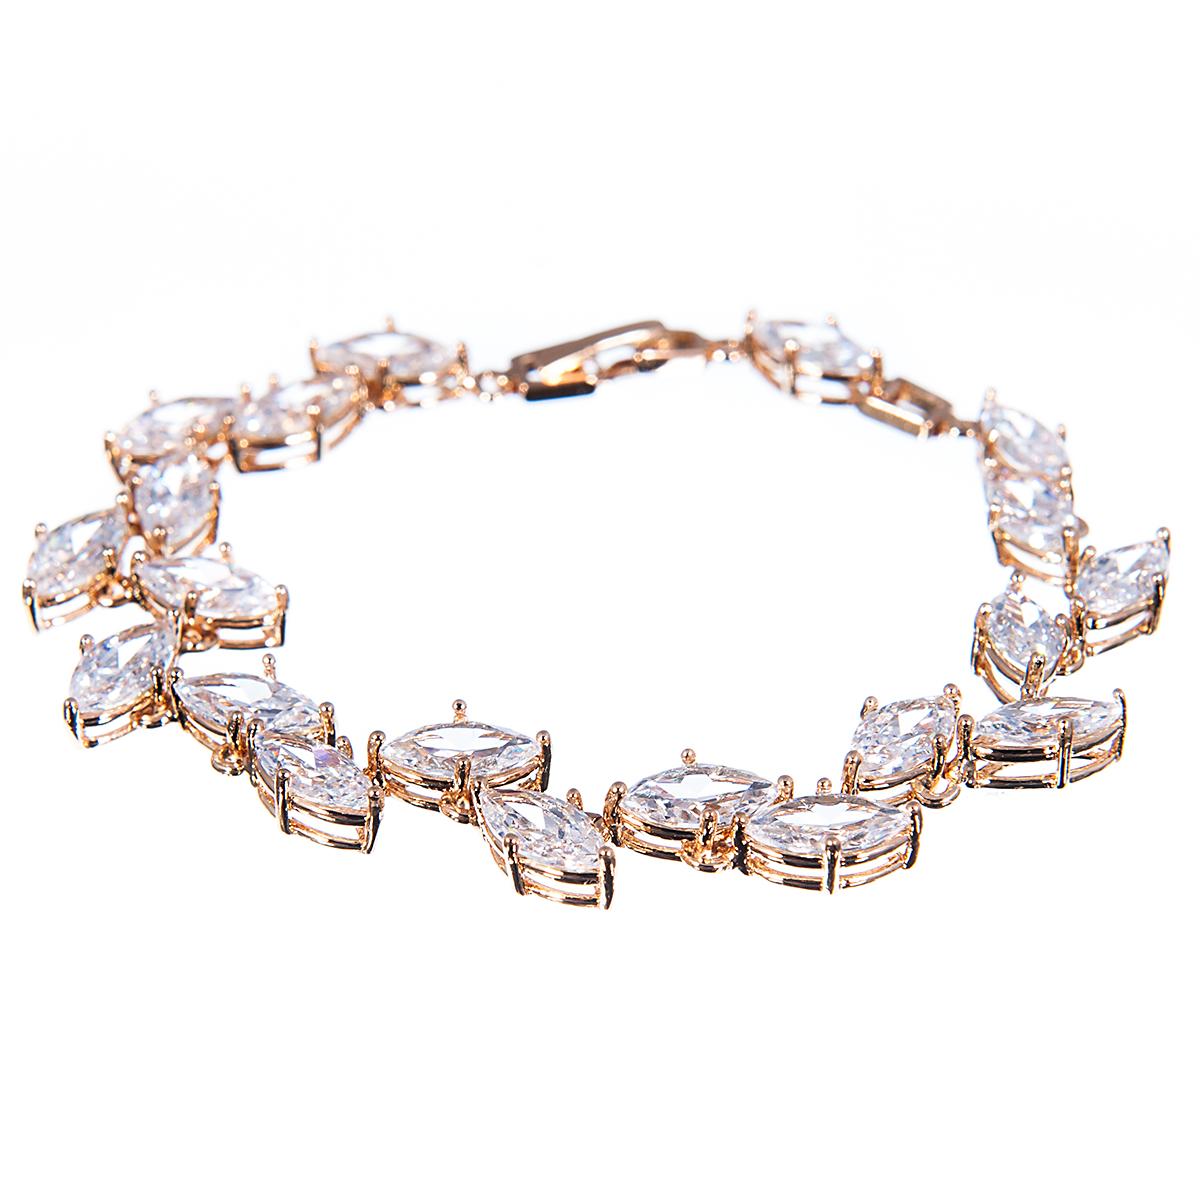 Браслет Selena Diamond, цвет: белый, золотистый. 40054320Глидерный браслетПрелестный браслет Selena изготовлен из металла с золотистым покрытием. Изделие украшено цирконами. Браслет застегивается при помощи замка-пряжки, благодаря которому браслет легко снимать и надевать. Стильный браслет блестяще подчеркнет ваш изысканный вкус и поможет внести разнообразие в привычный образ.